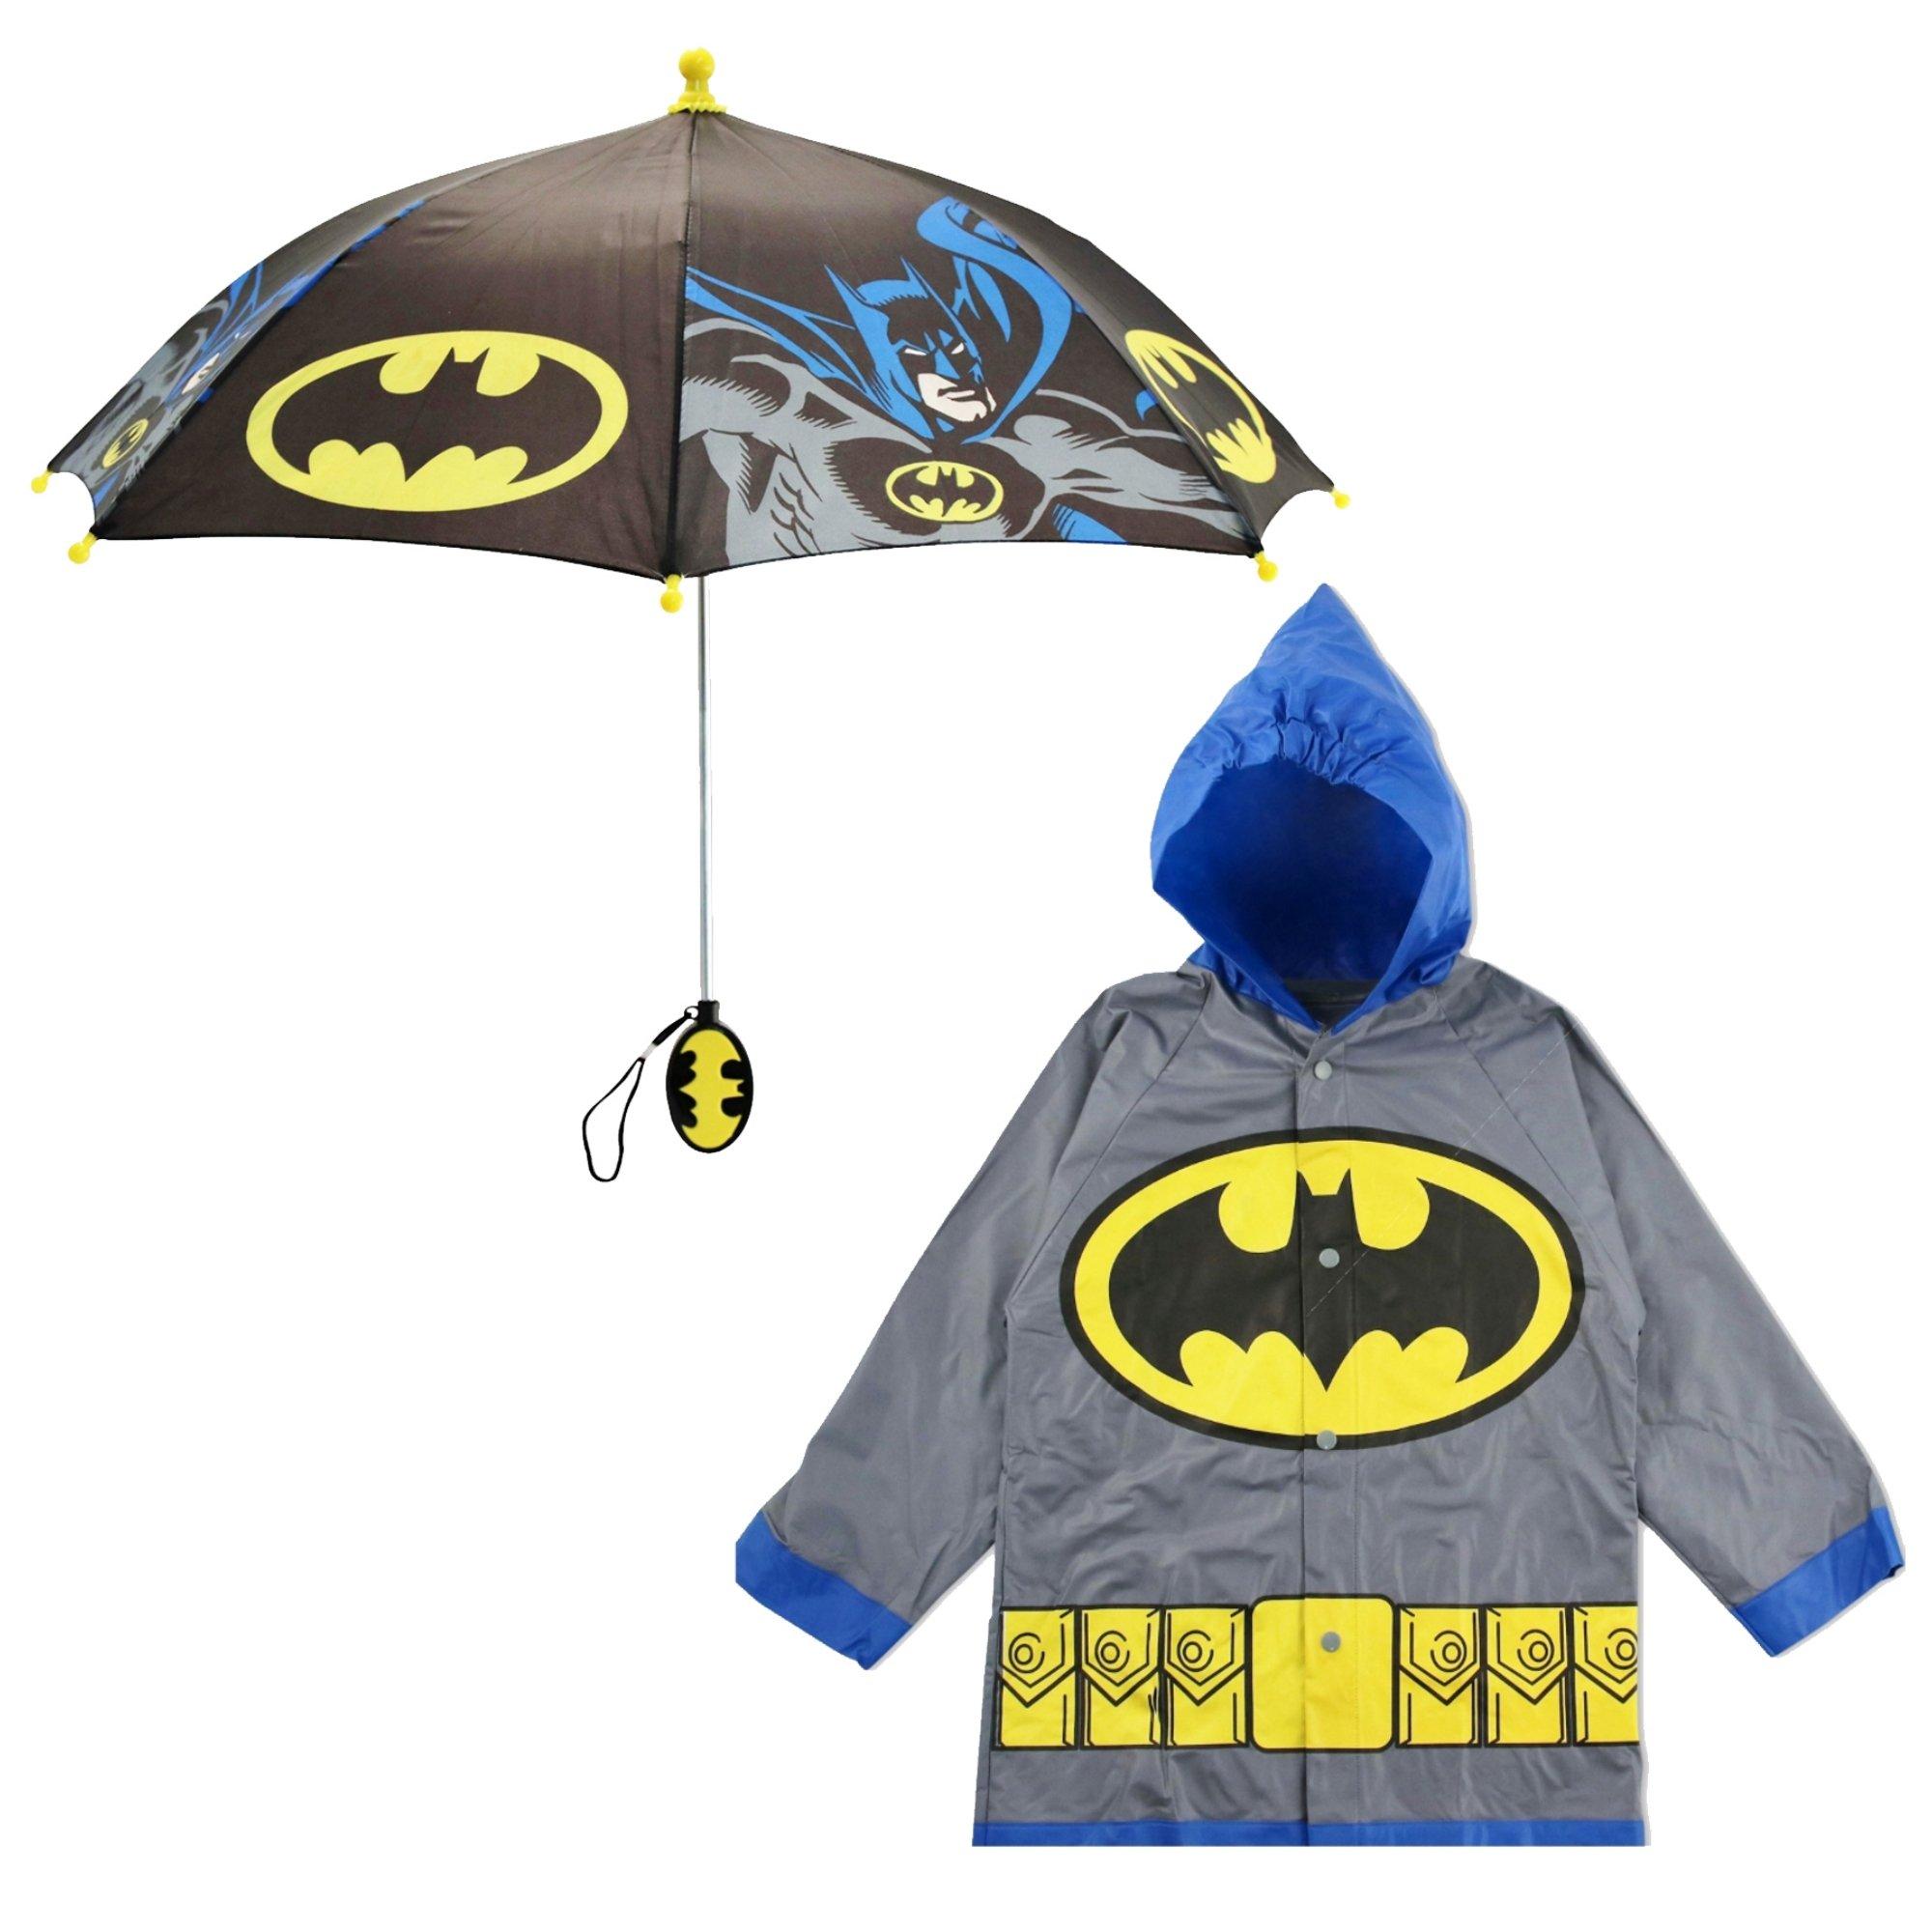 DC Comics Little Boys Batman Superman Slicker and Umbrella Rainwear Set, Grey Batman, Age 6-7